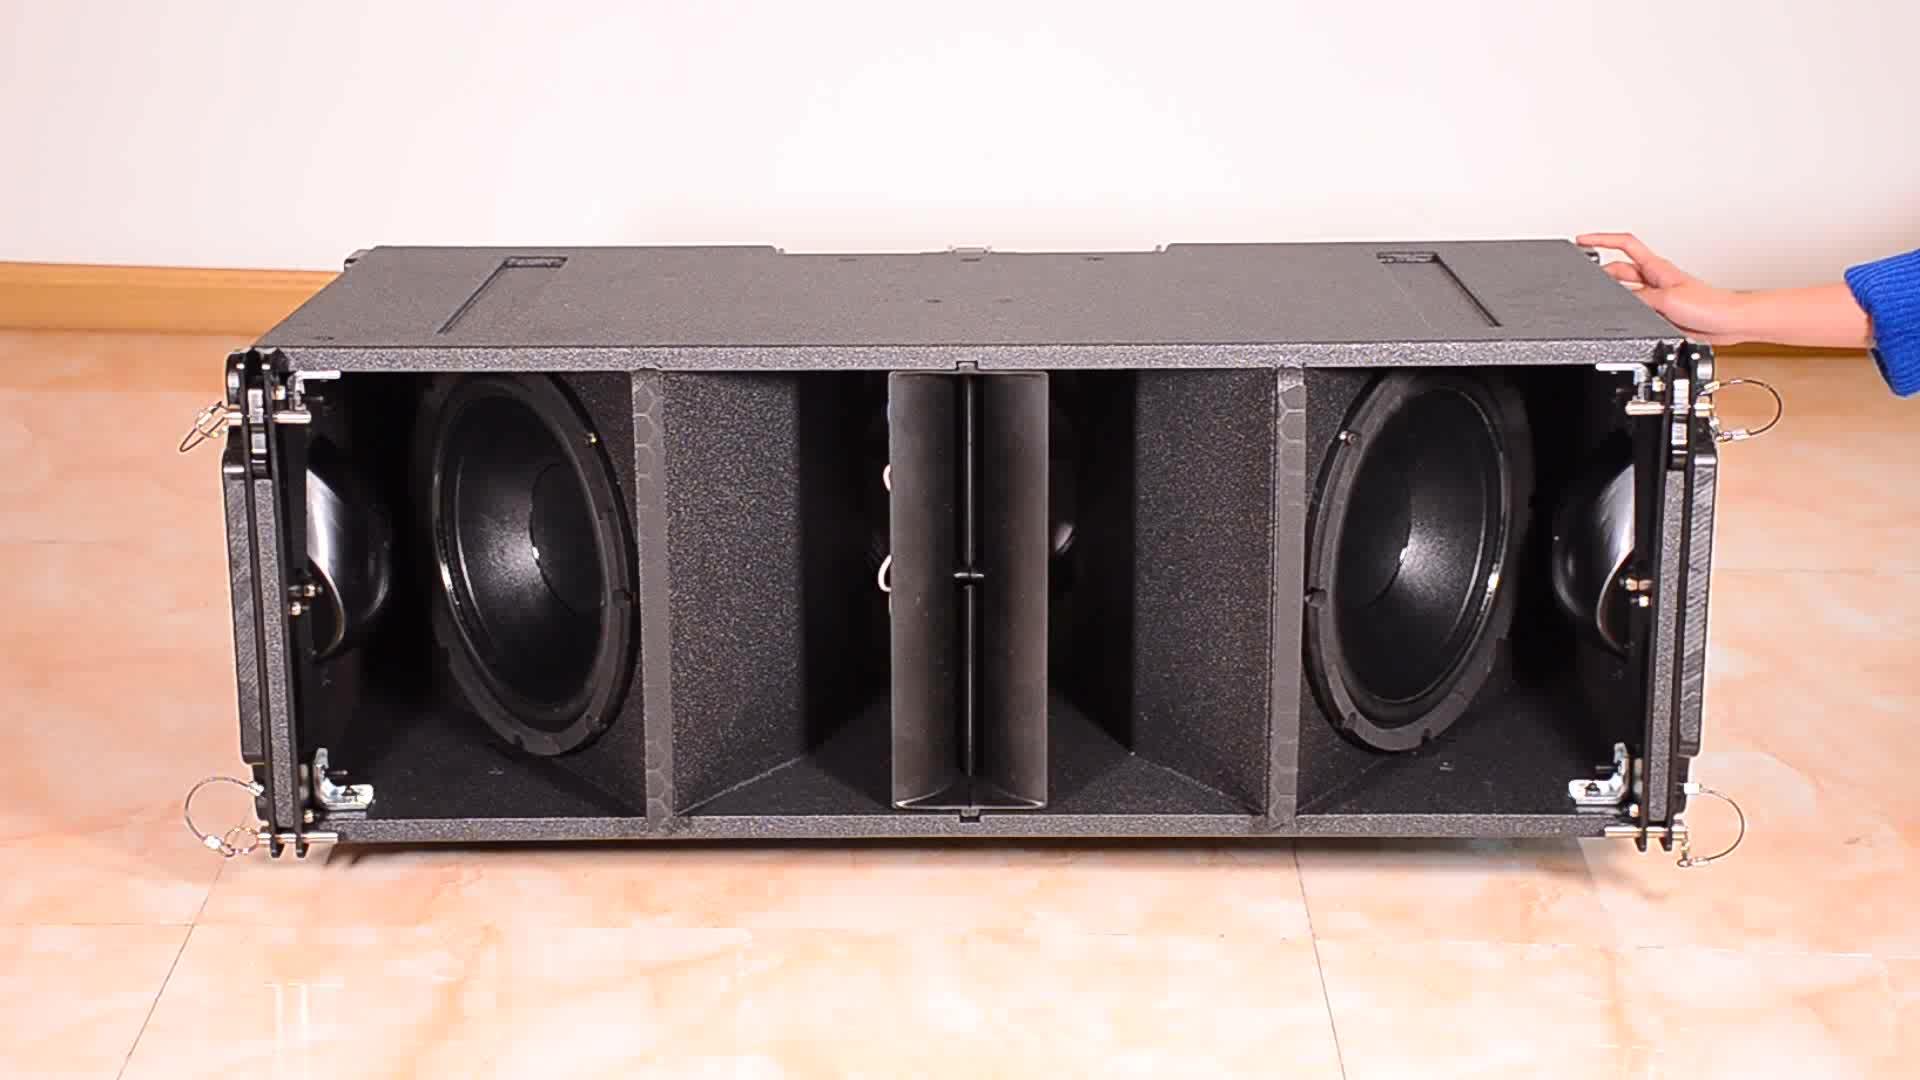 """पेशेवर डबल 10 """"शीर्ष प्रो ऑडियो लाइन सरणी अध्यक्ष/गुआंगज़ौ चीन में ध्वनि प्रणाली"""